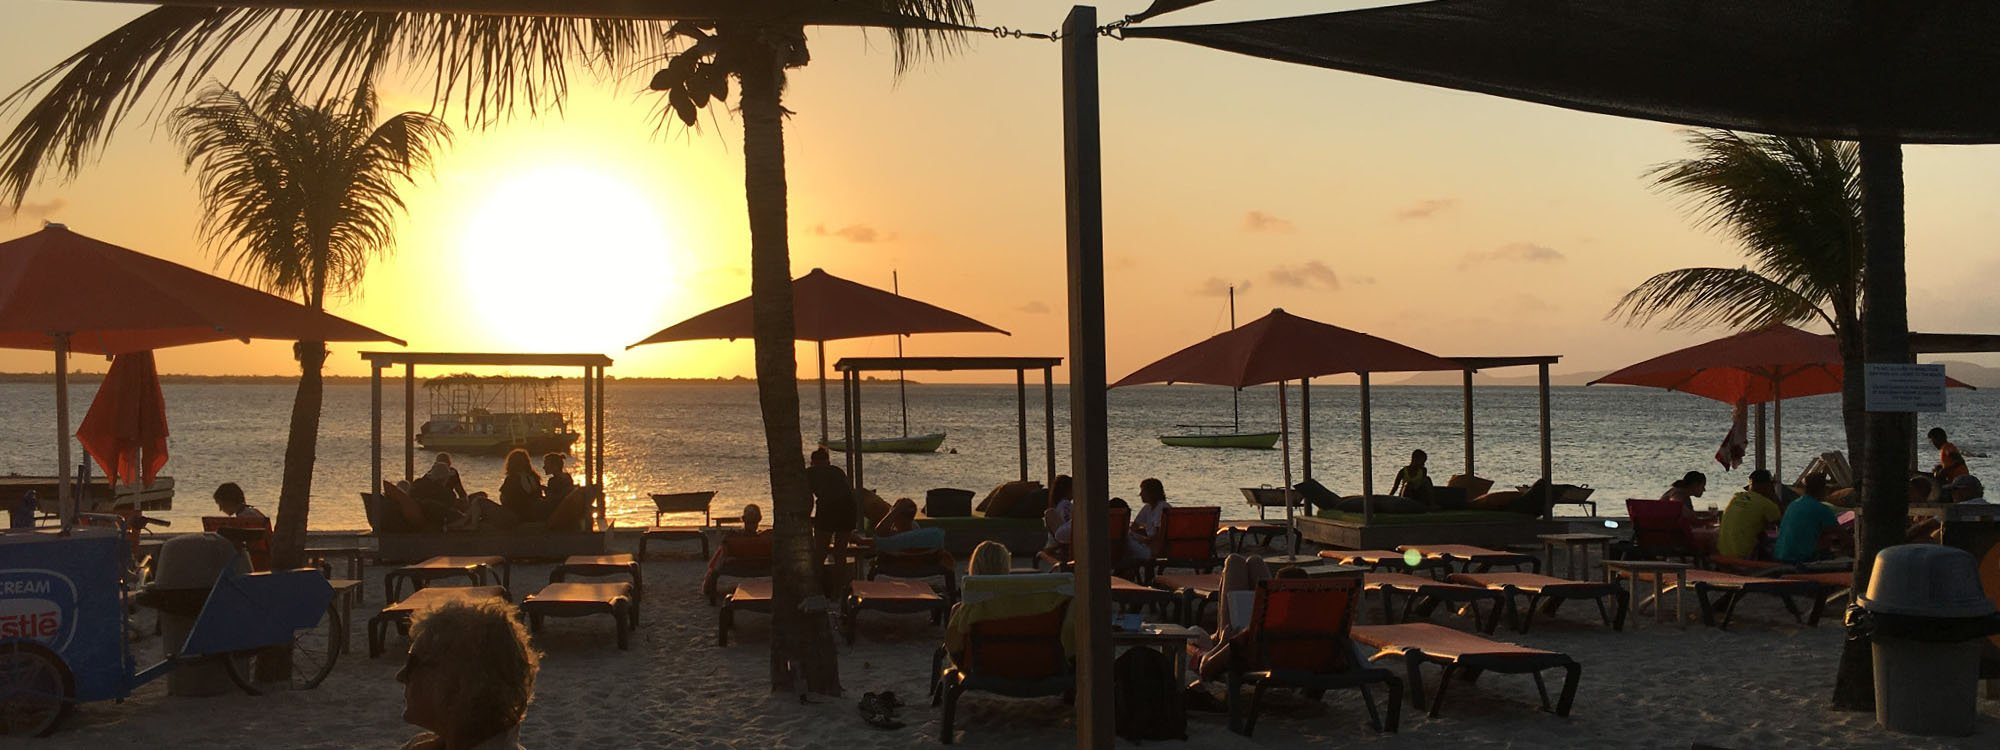 Uw droomhuis bouwen in Bonaire?